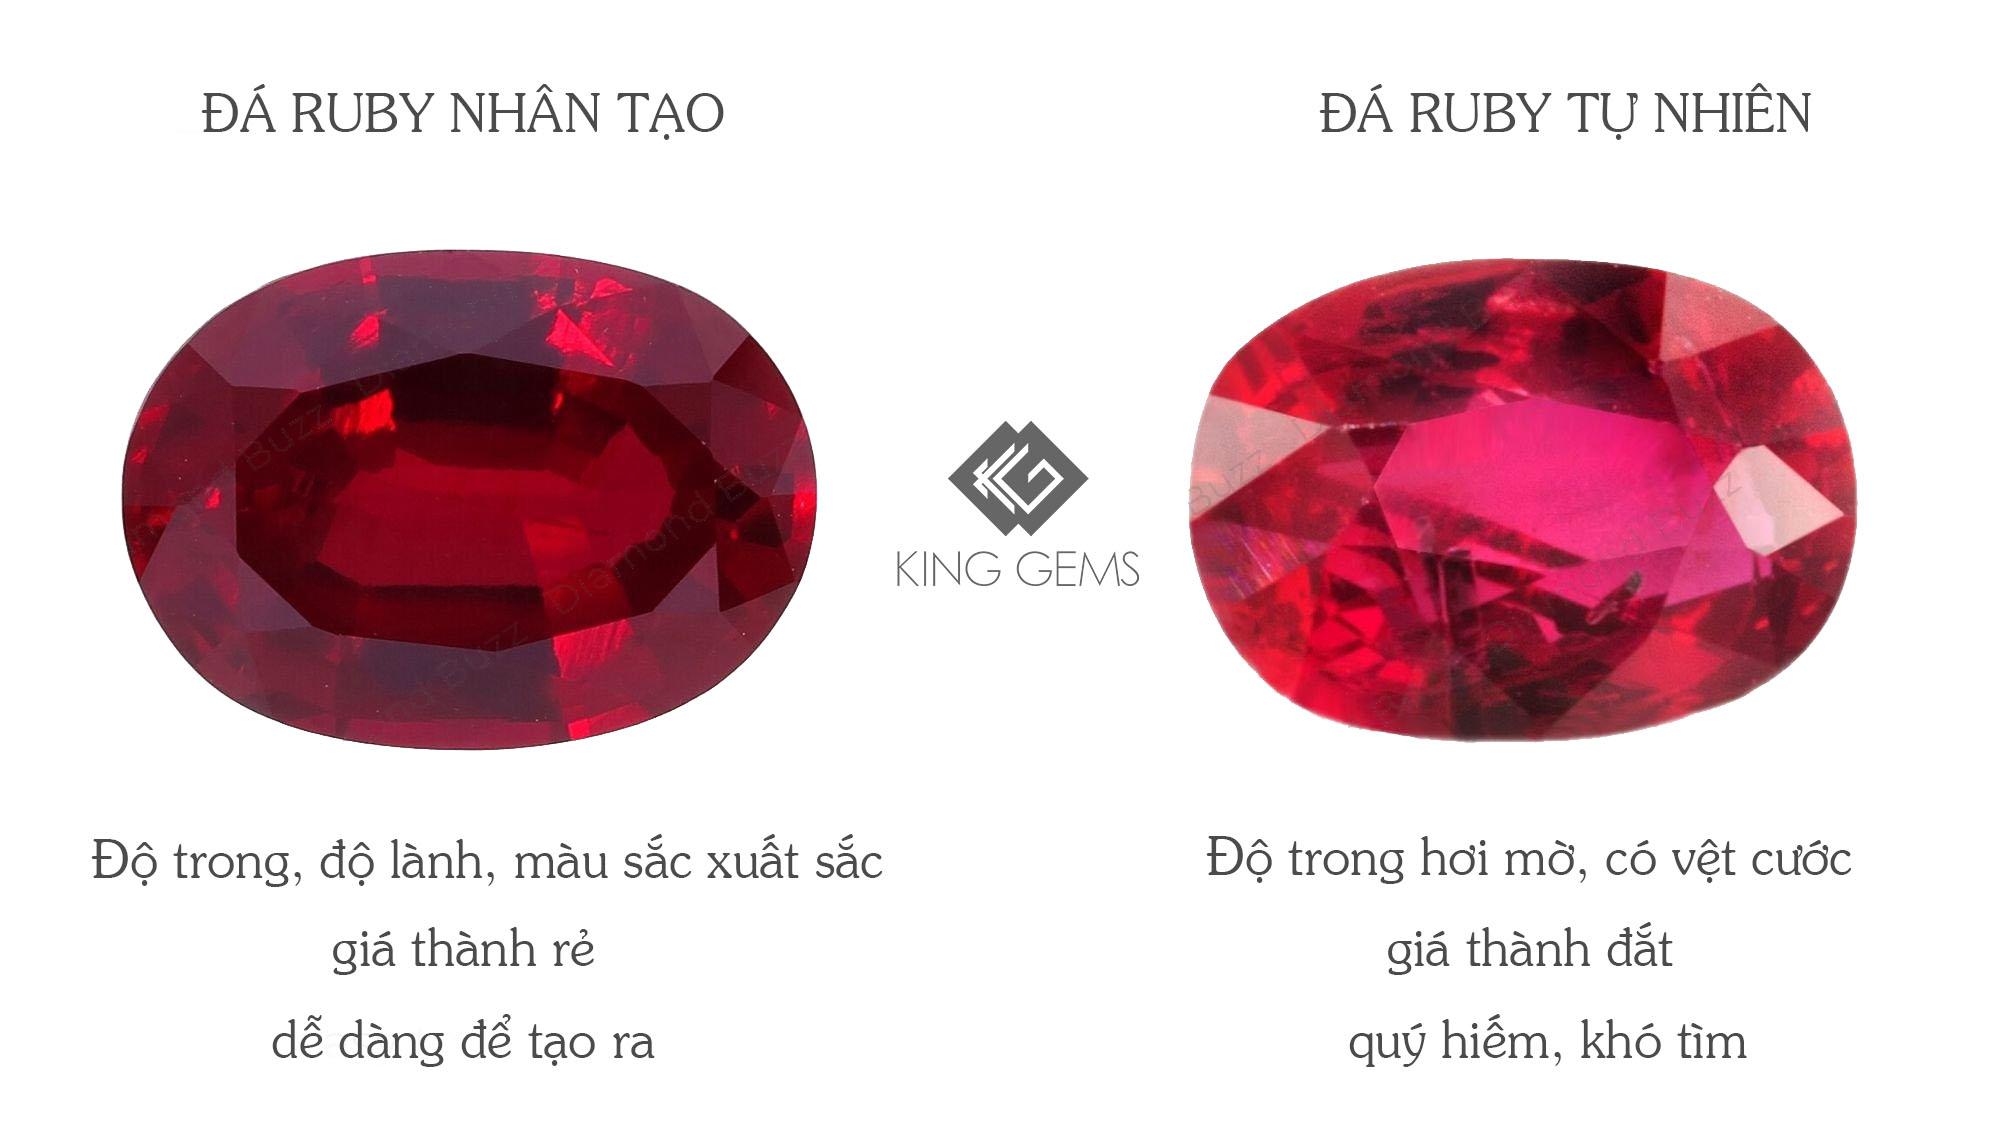 Phân biệt ruby tự nhiên và ruby nhân tạo